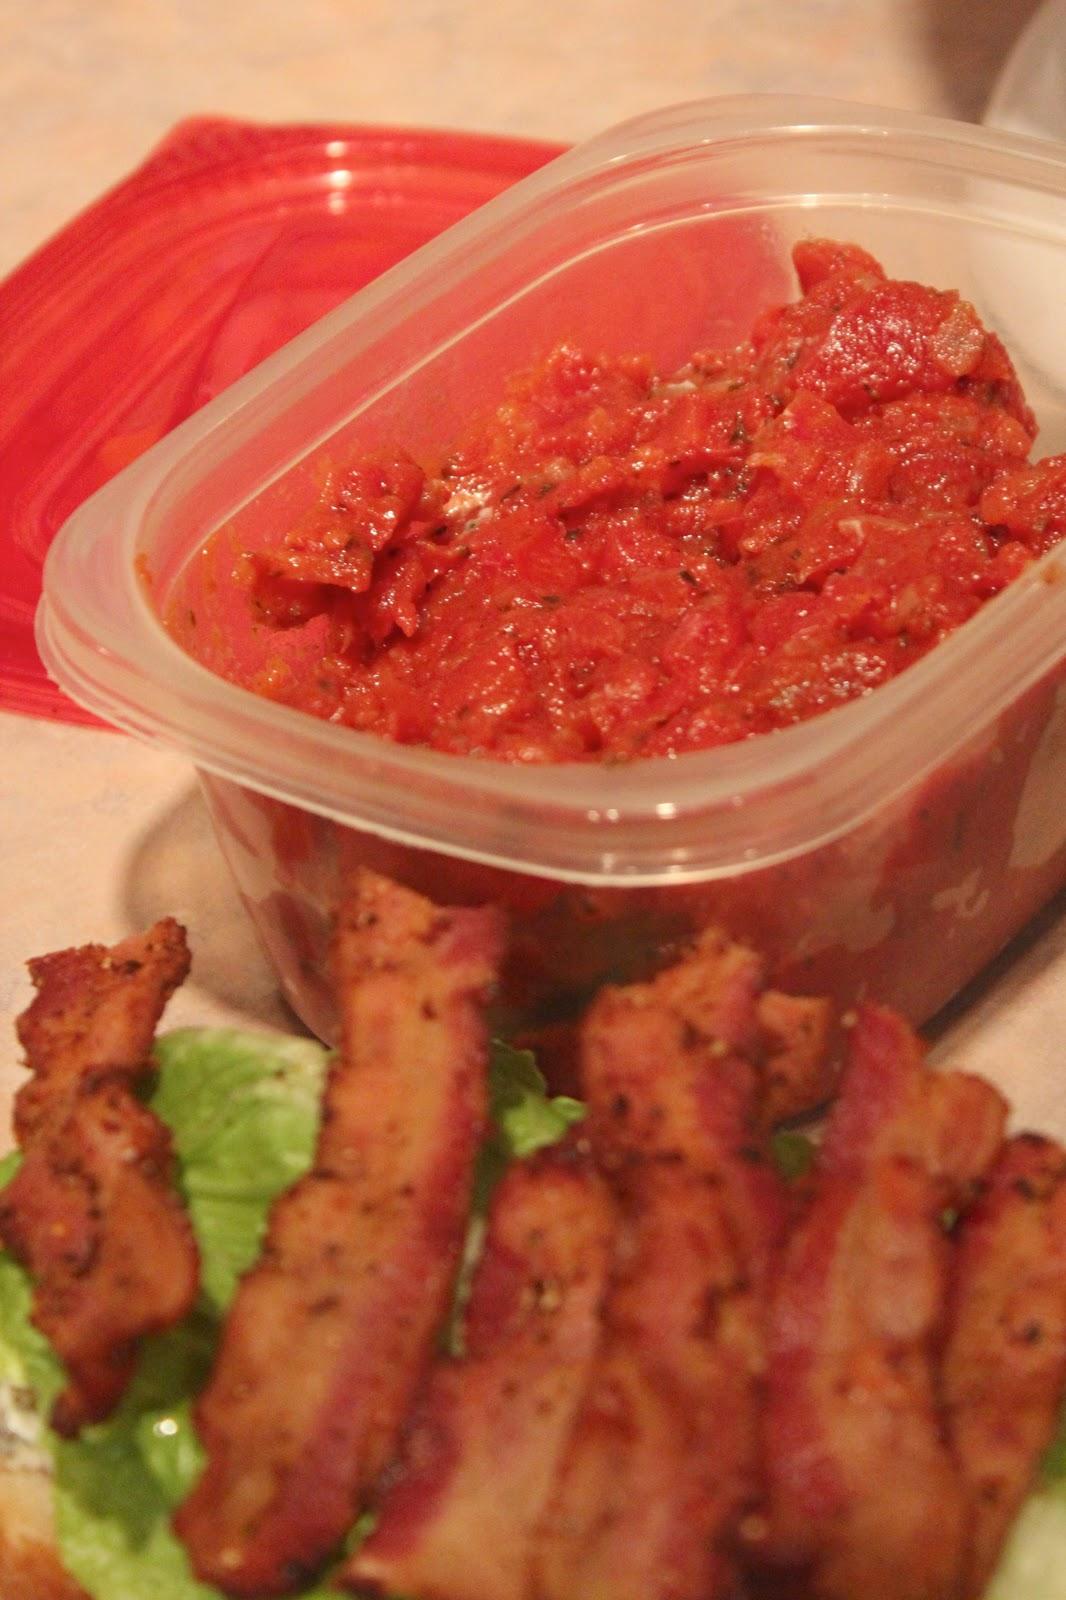 Cape Cod Scrapper: Bacon Lettuce and Tomato Jam sandwich!